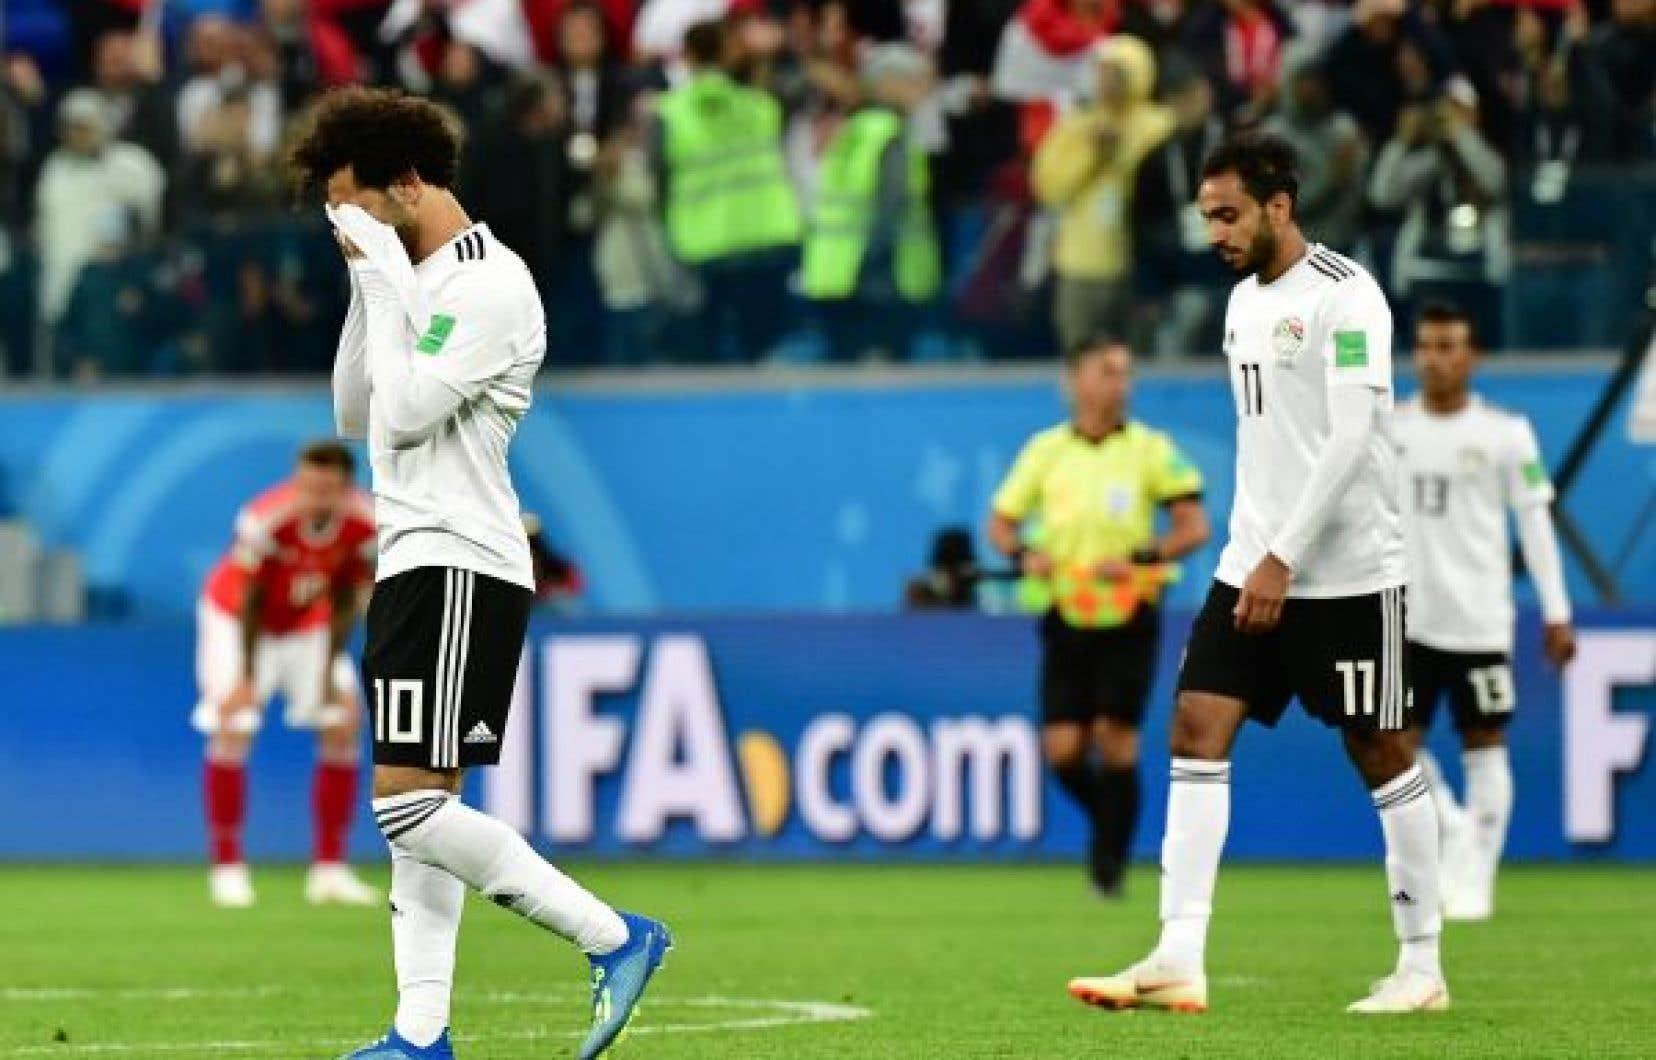 La grande étoile de l'équipe égyptienne, Mohamed Salah, n'a pas brillé.